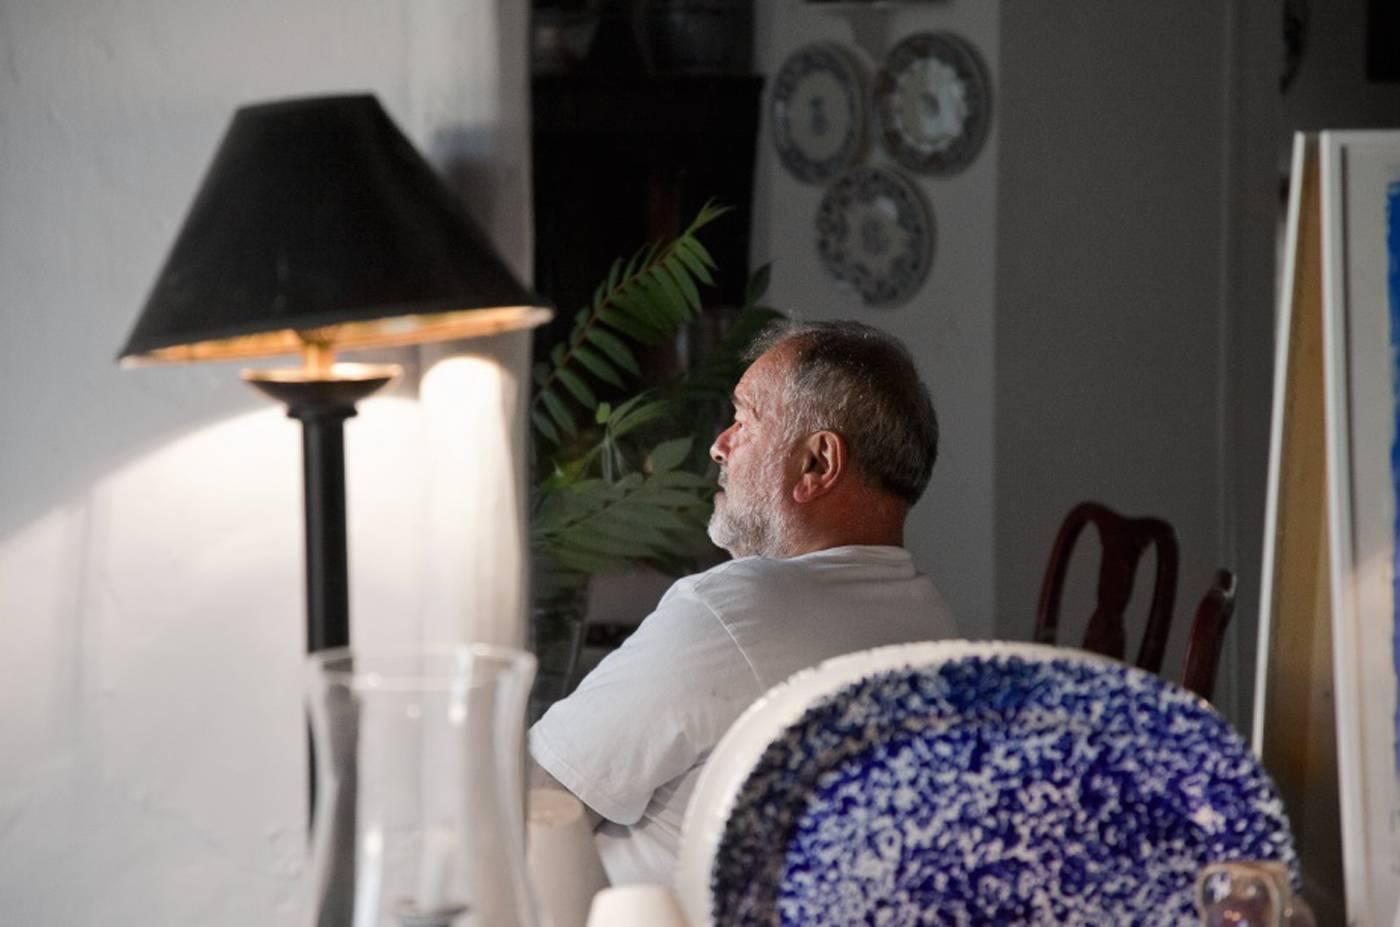 Yves taralon expose chez piasa id es d co meubles et int rieurs design re - Yves taralon decorateur ...